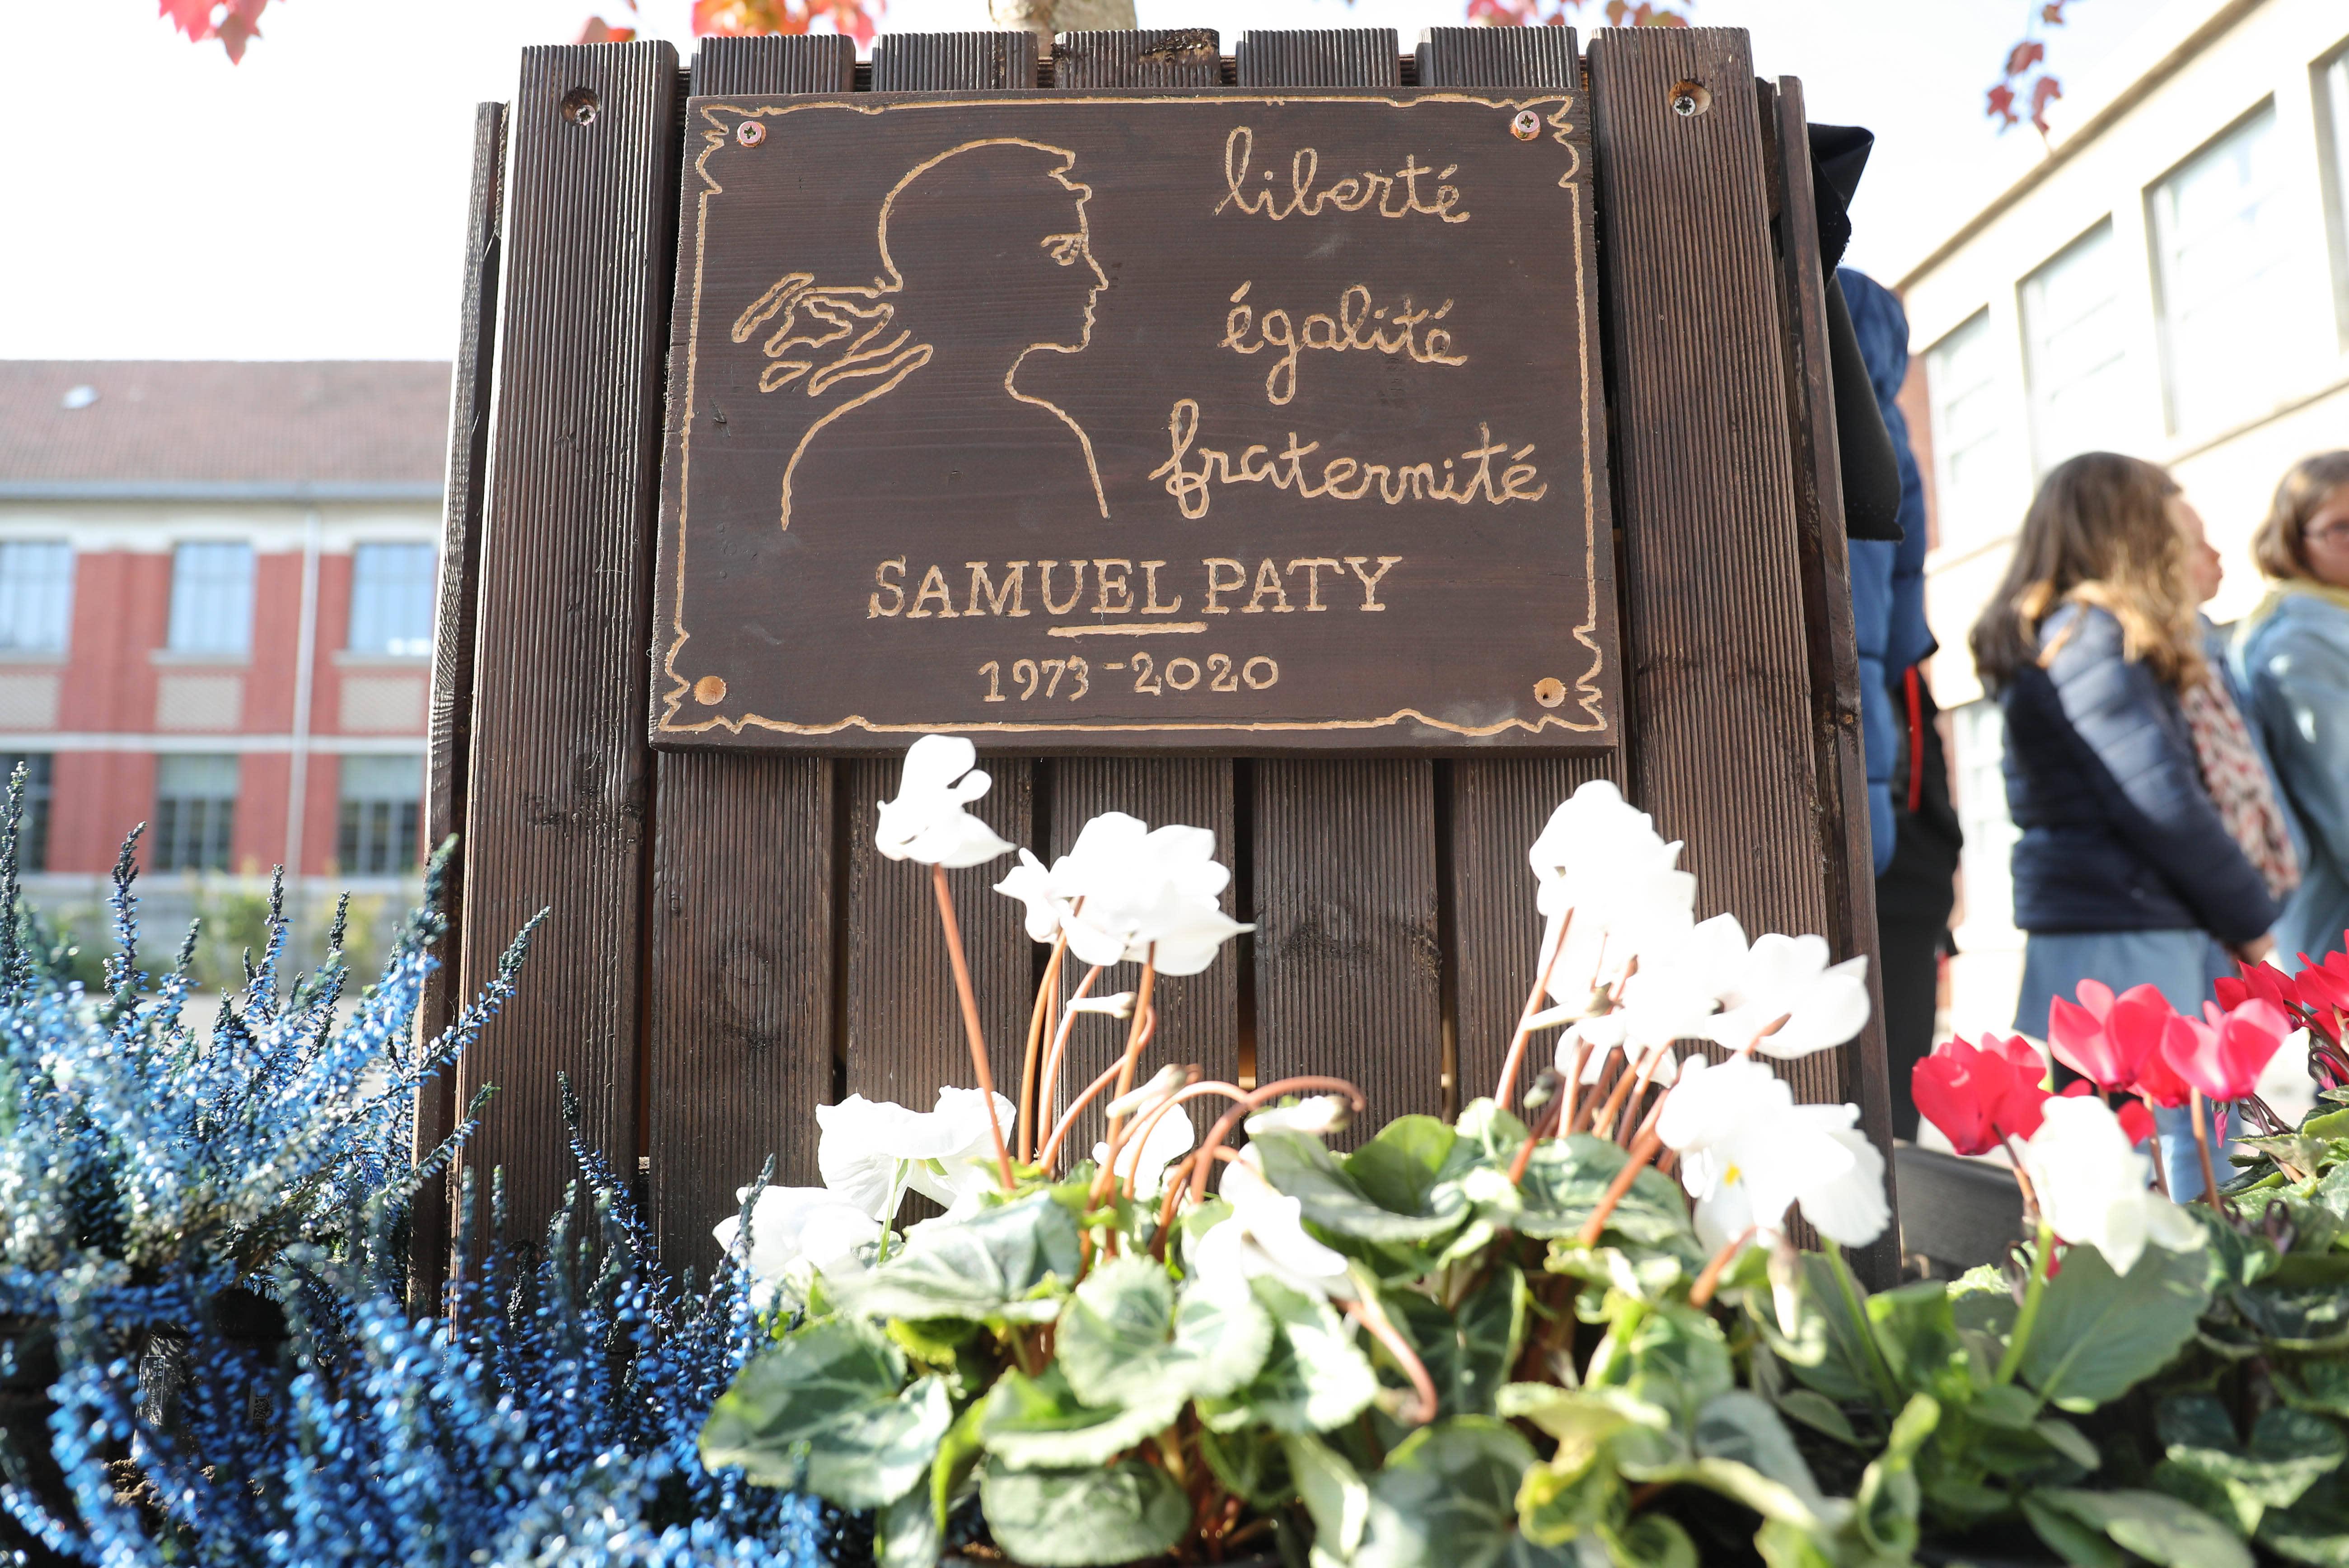 Laïcité: comment les enseignants sont accompagnés depuis l'assassinat de Samuel Paty